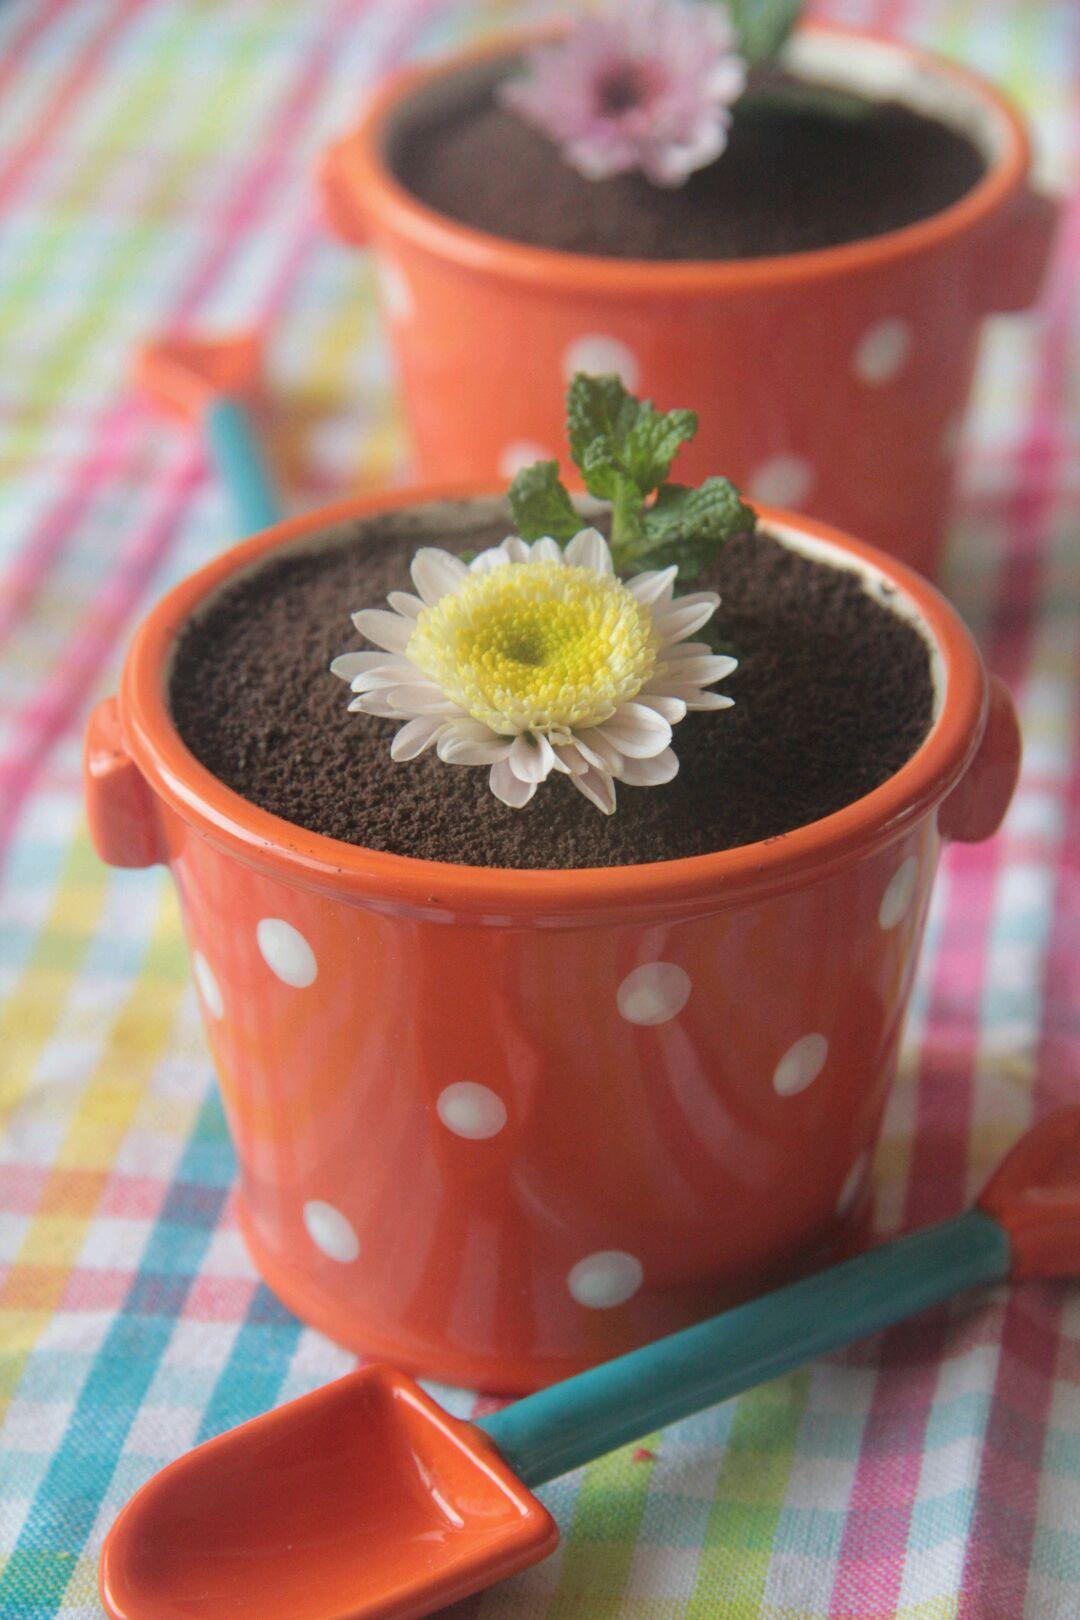 春天的应景甜品---可爱小盆栽的做法步骤